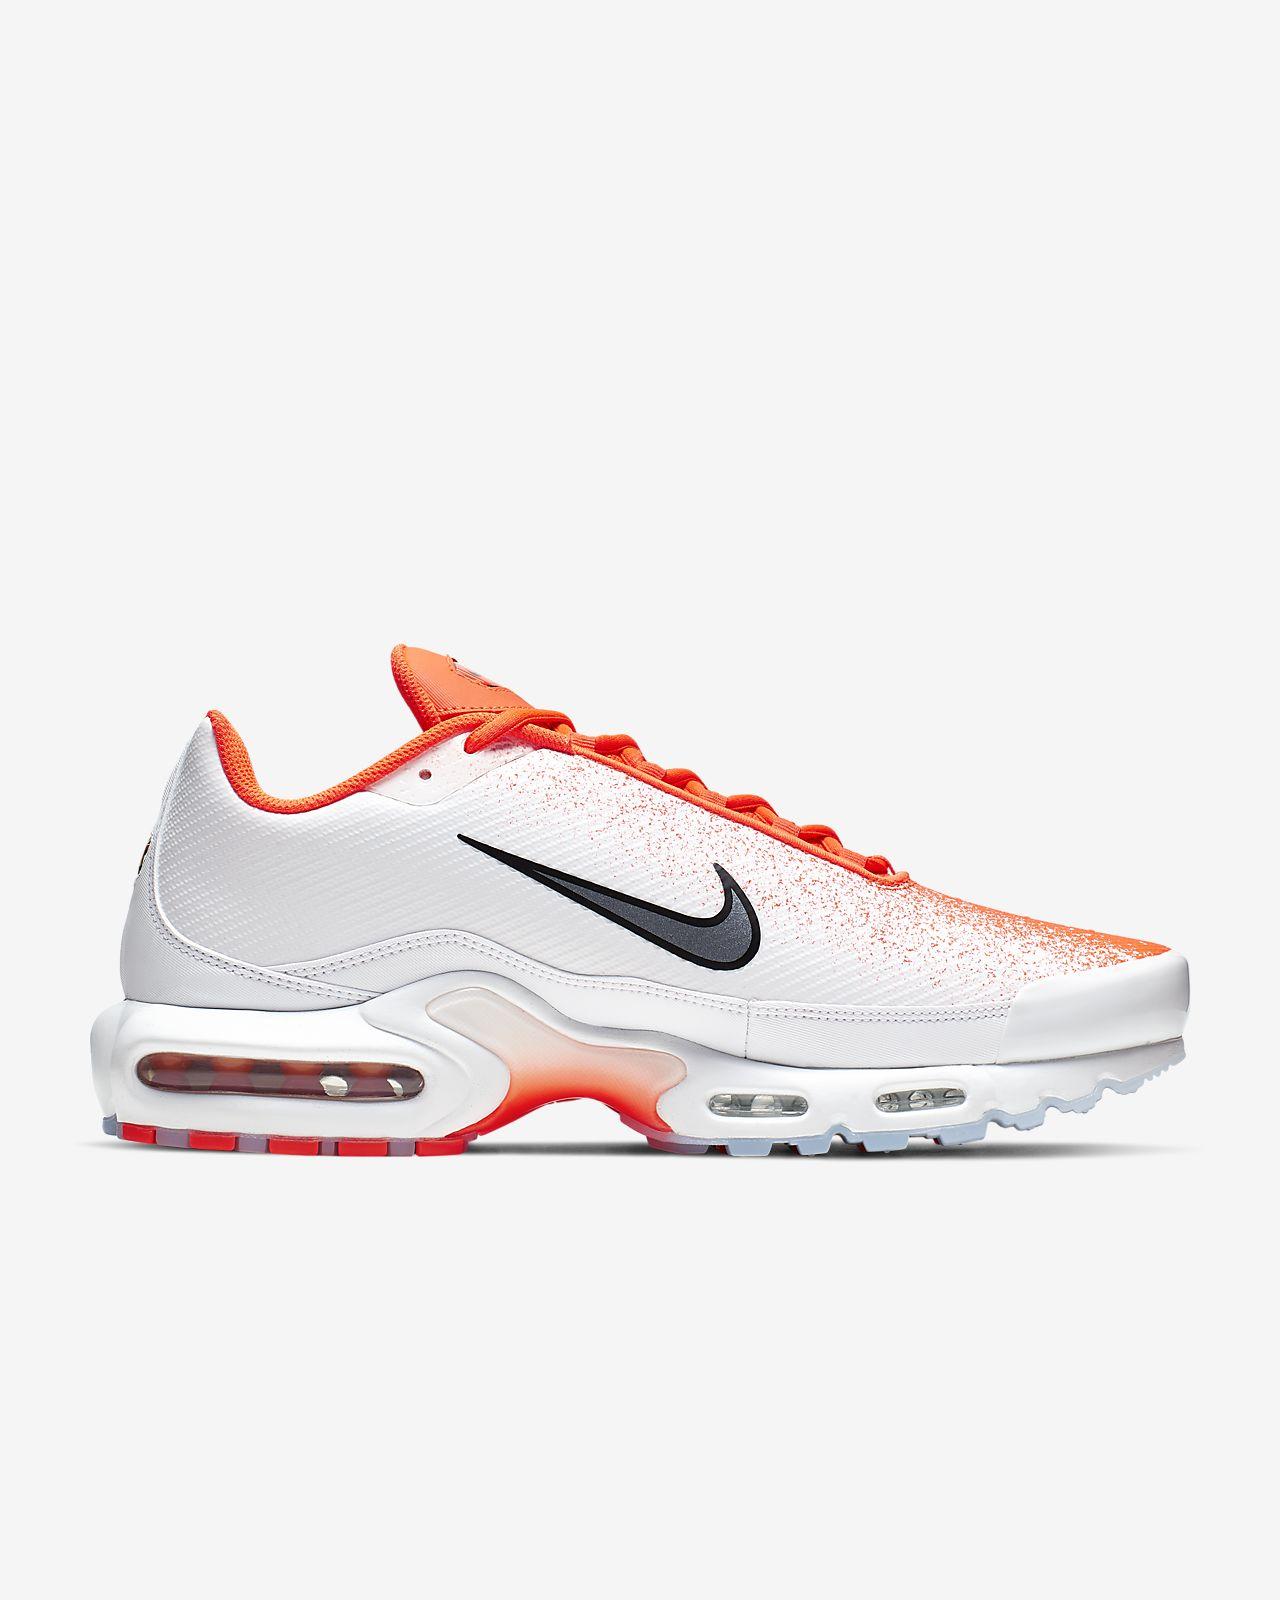 promo code 5ba1d f1fac Chaussure Nike Air Max Plus Tn SE pour Homme. Nike.com MA